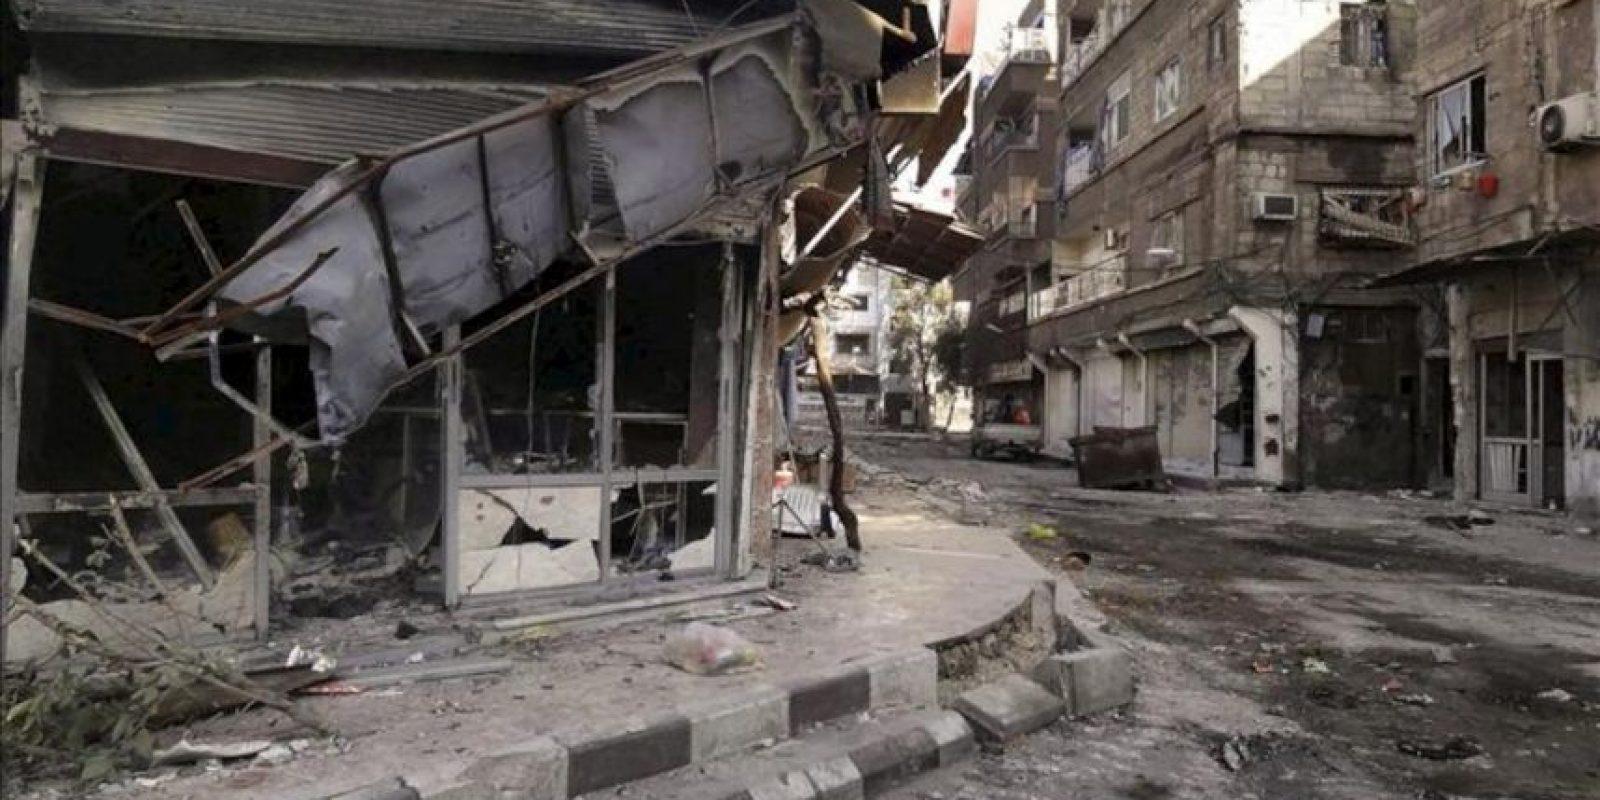 Fotografía facilitada por la agencia siria de noticias SANA que muestra edificios derruídos en el barrio de Tadamon en Damasco, el pasado 15 de noviembre. EFE/Archivo